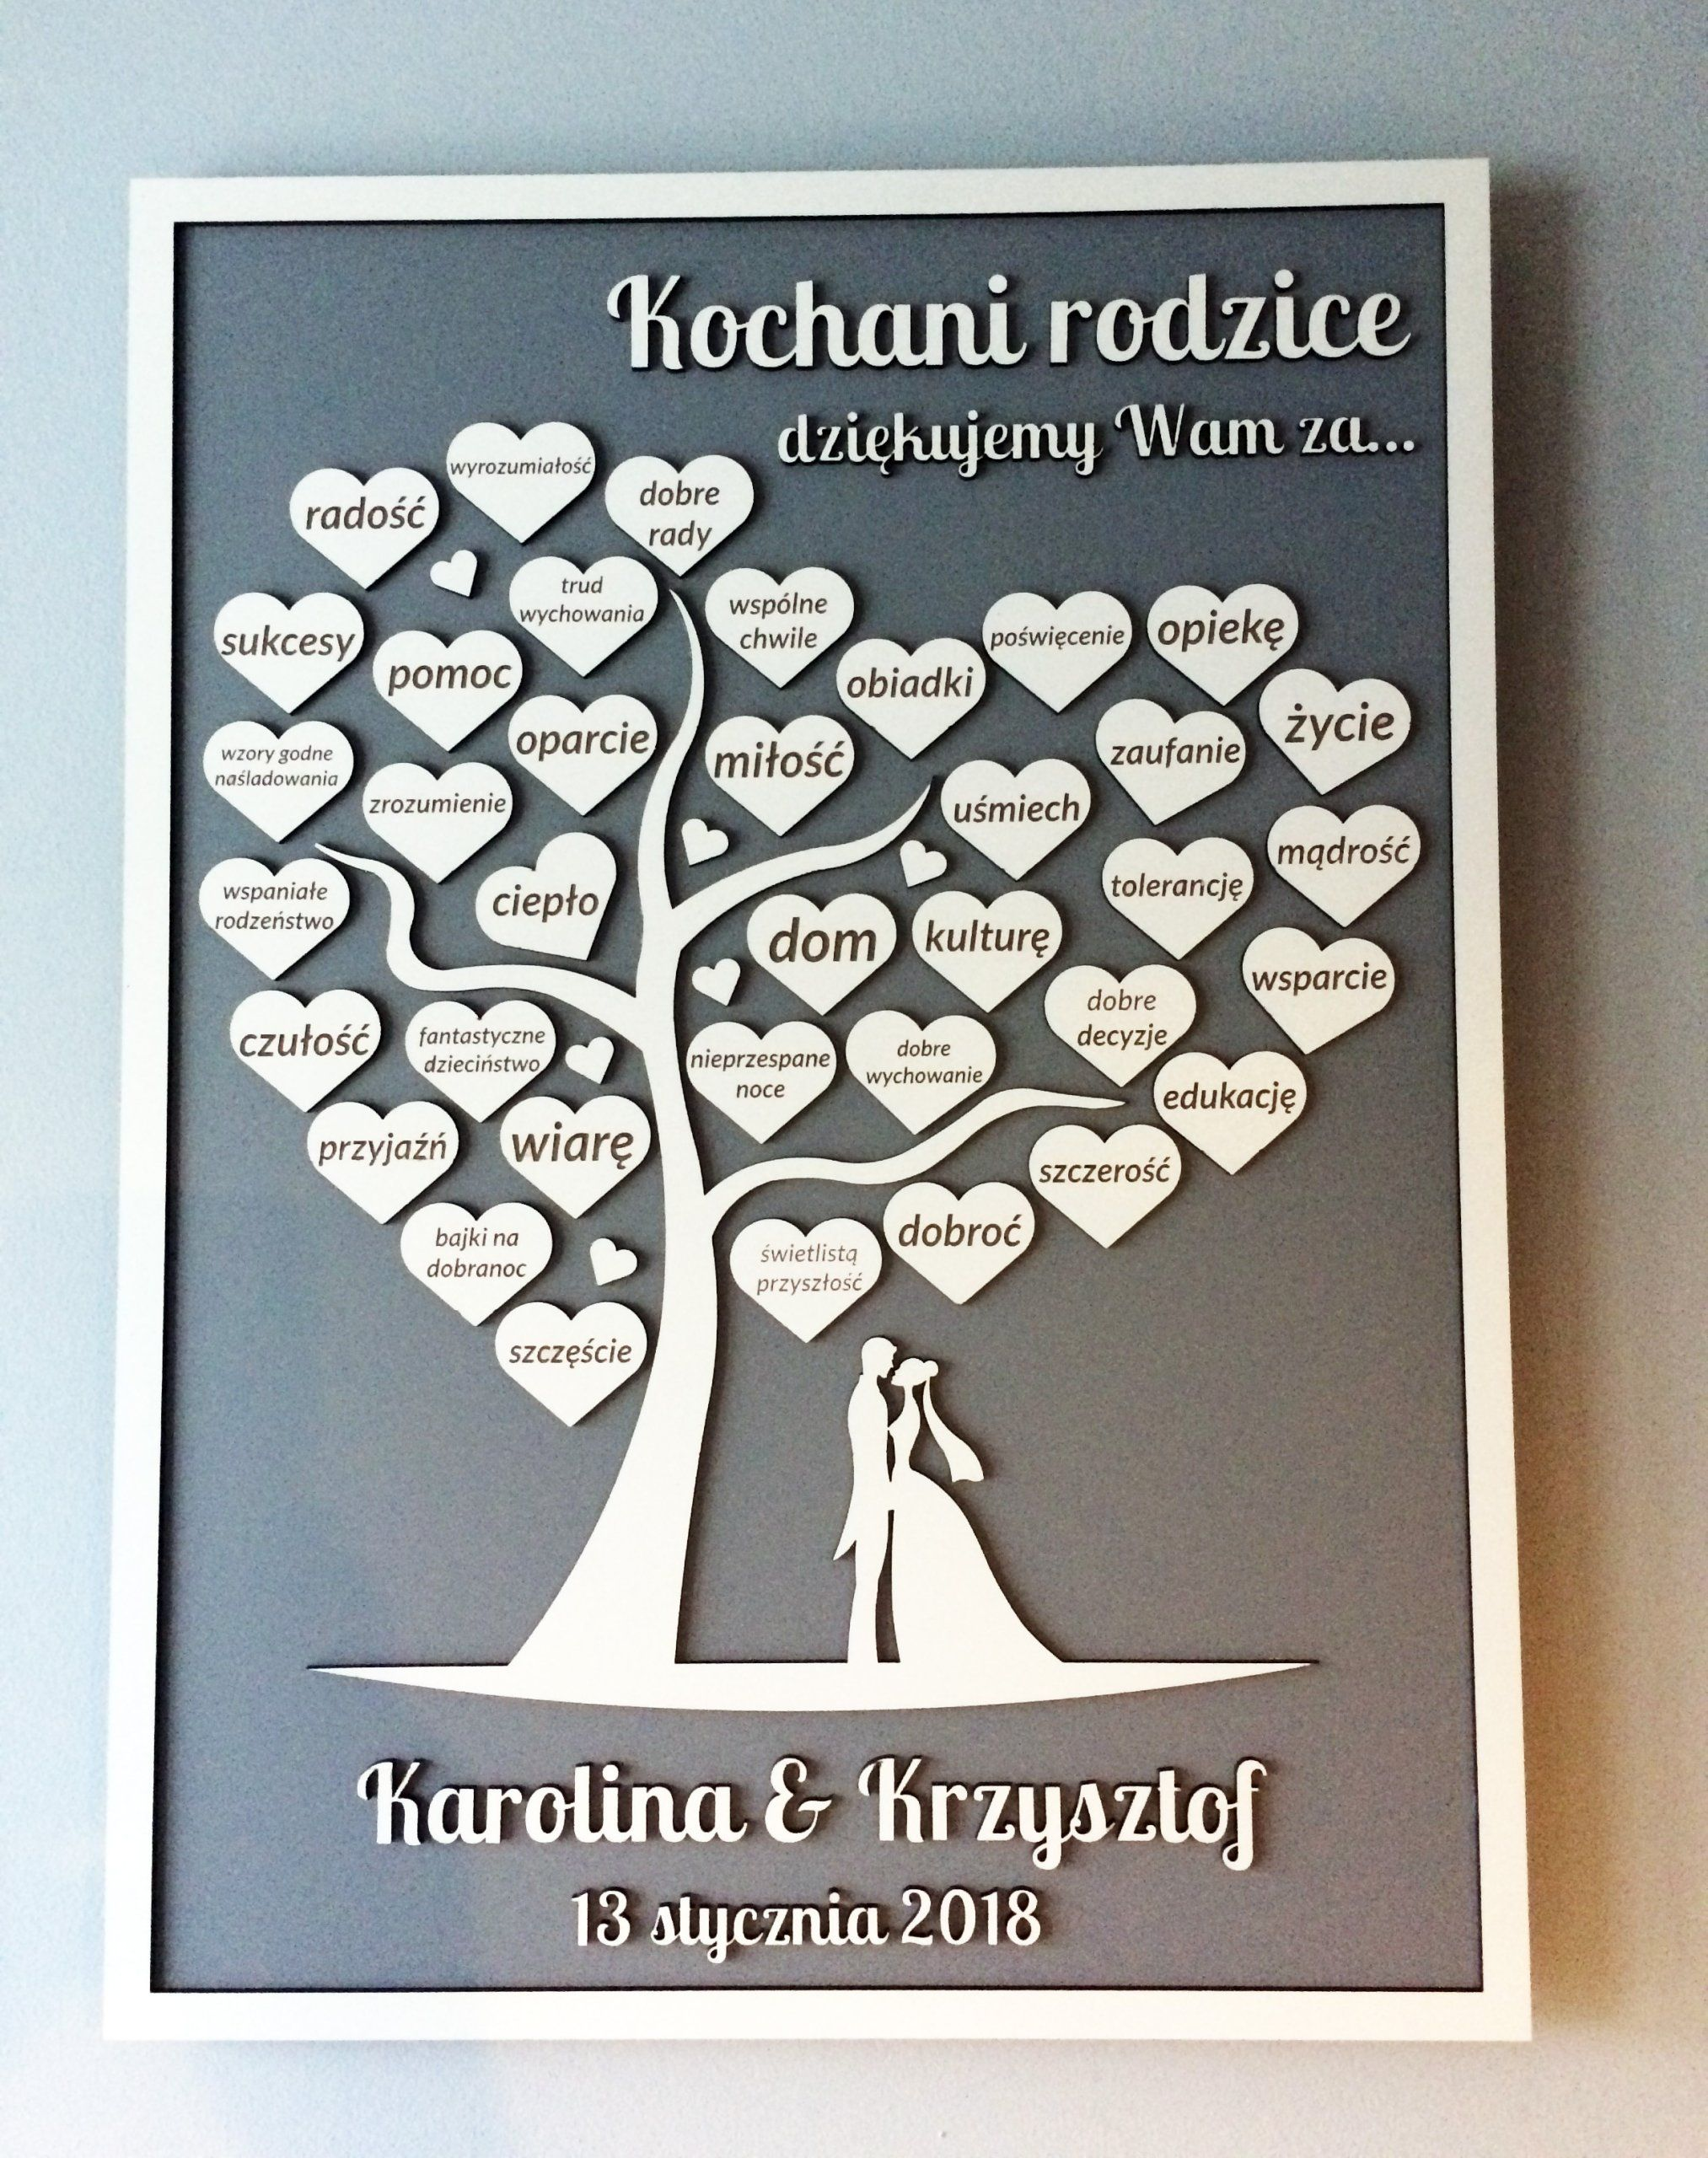 Podziekowania Dla Rodzicow Drzewko Grawer 7126233296 Oficjalne Archiwum Allegro Friend Birthday Gifts Wooden Hearts Wedding